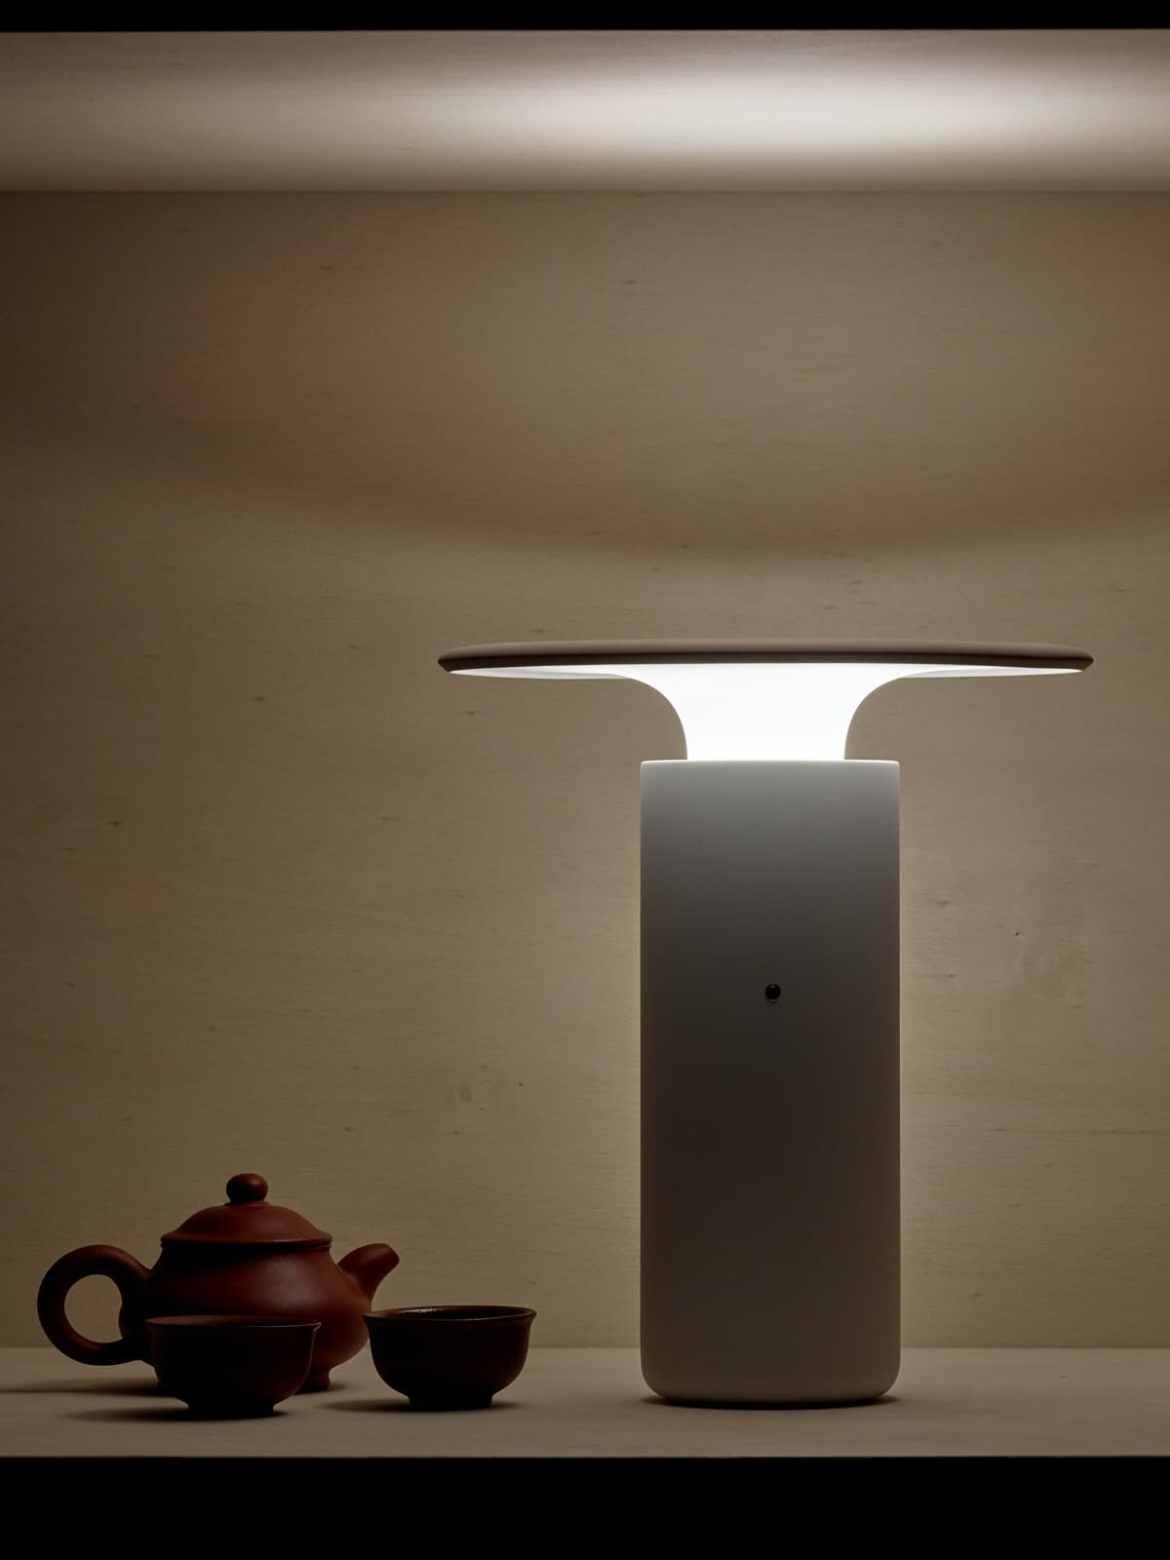 DesignOrt Blog: Trend: tragbare Leuchte Pottery Project Pott spanische Keramik Lampe Nais Luis Eslava